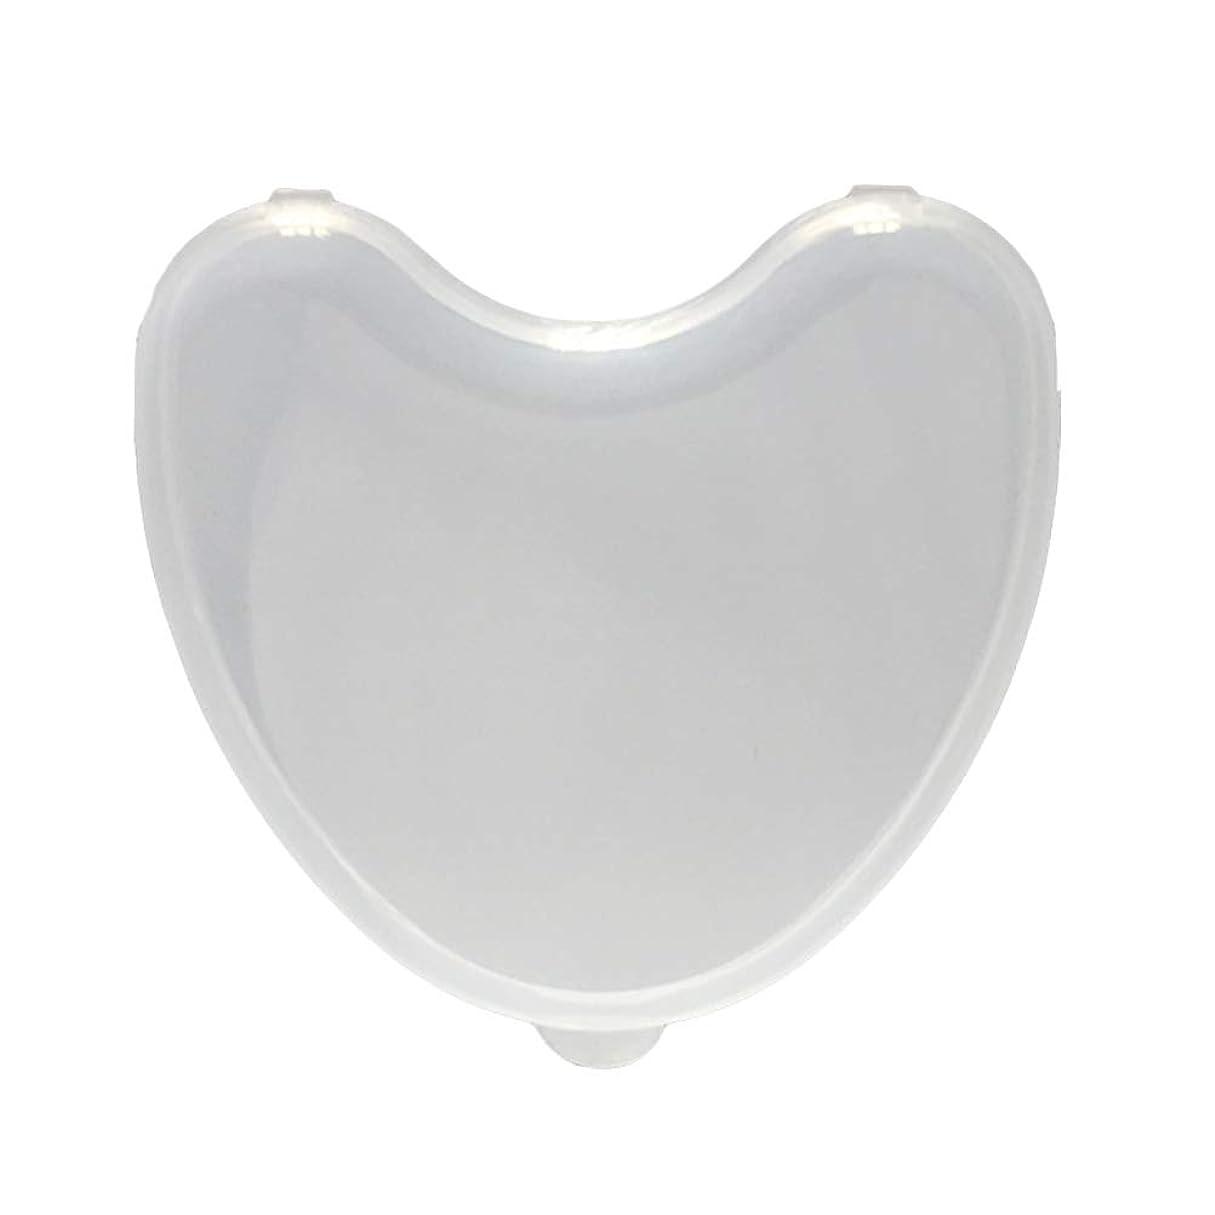 商標品種アクセサリーHealifty 義歯ケース義歯ボックス義歯リテーナーケース義歯コンテナ義歯ホルダーオフィストラベル世帯